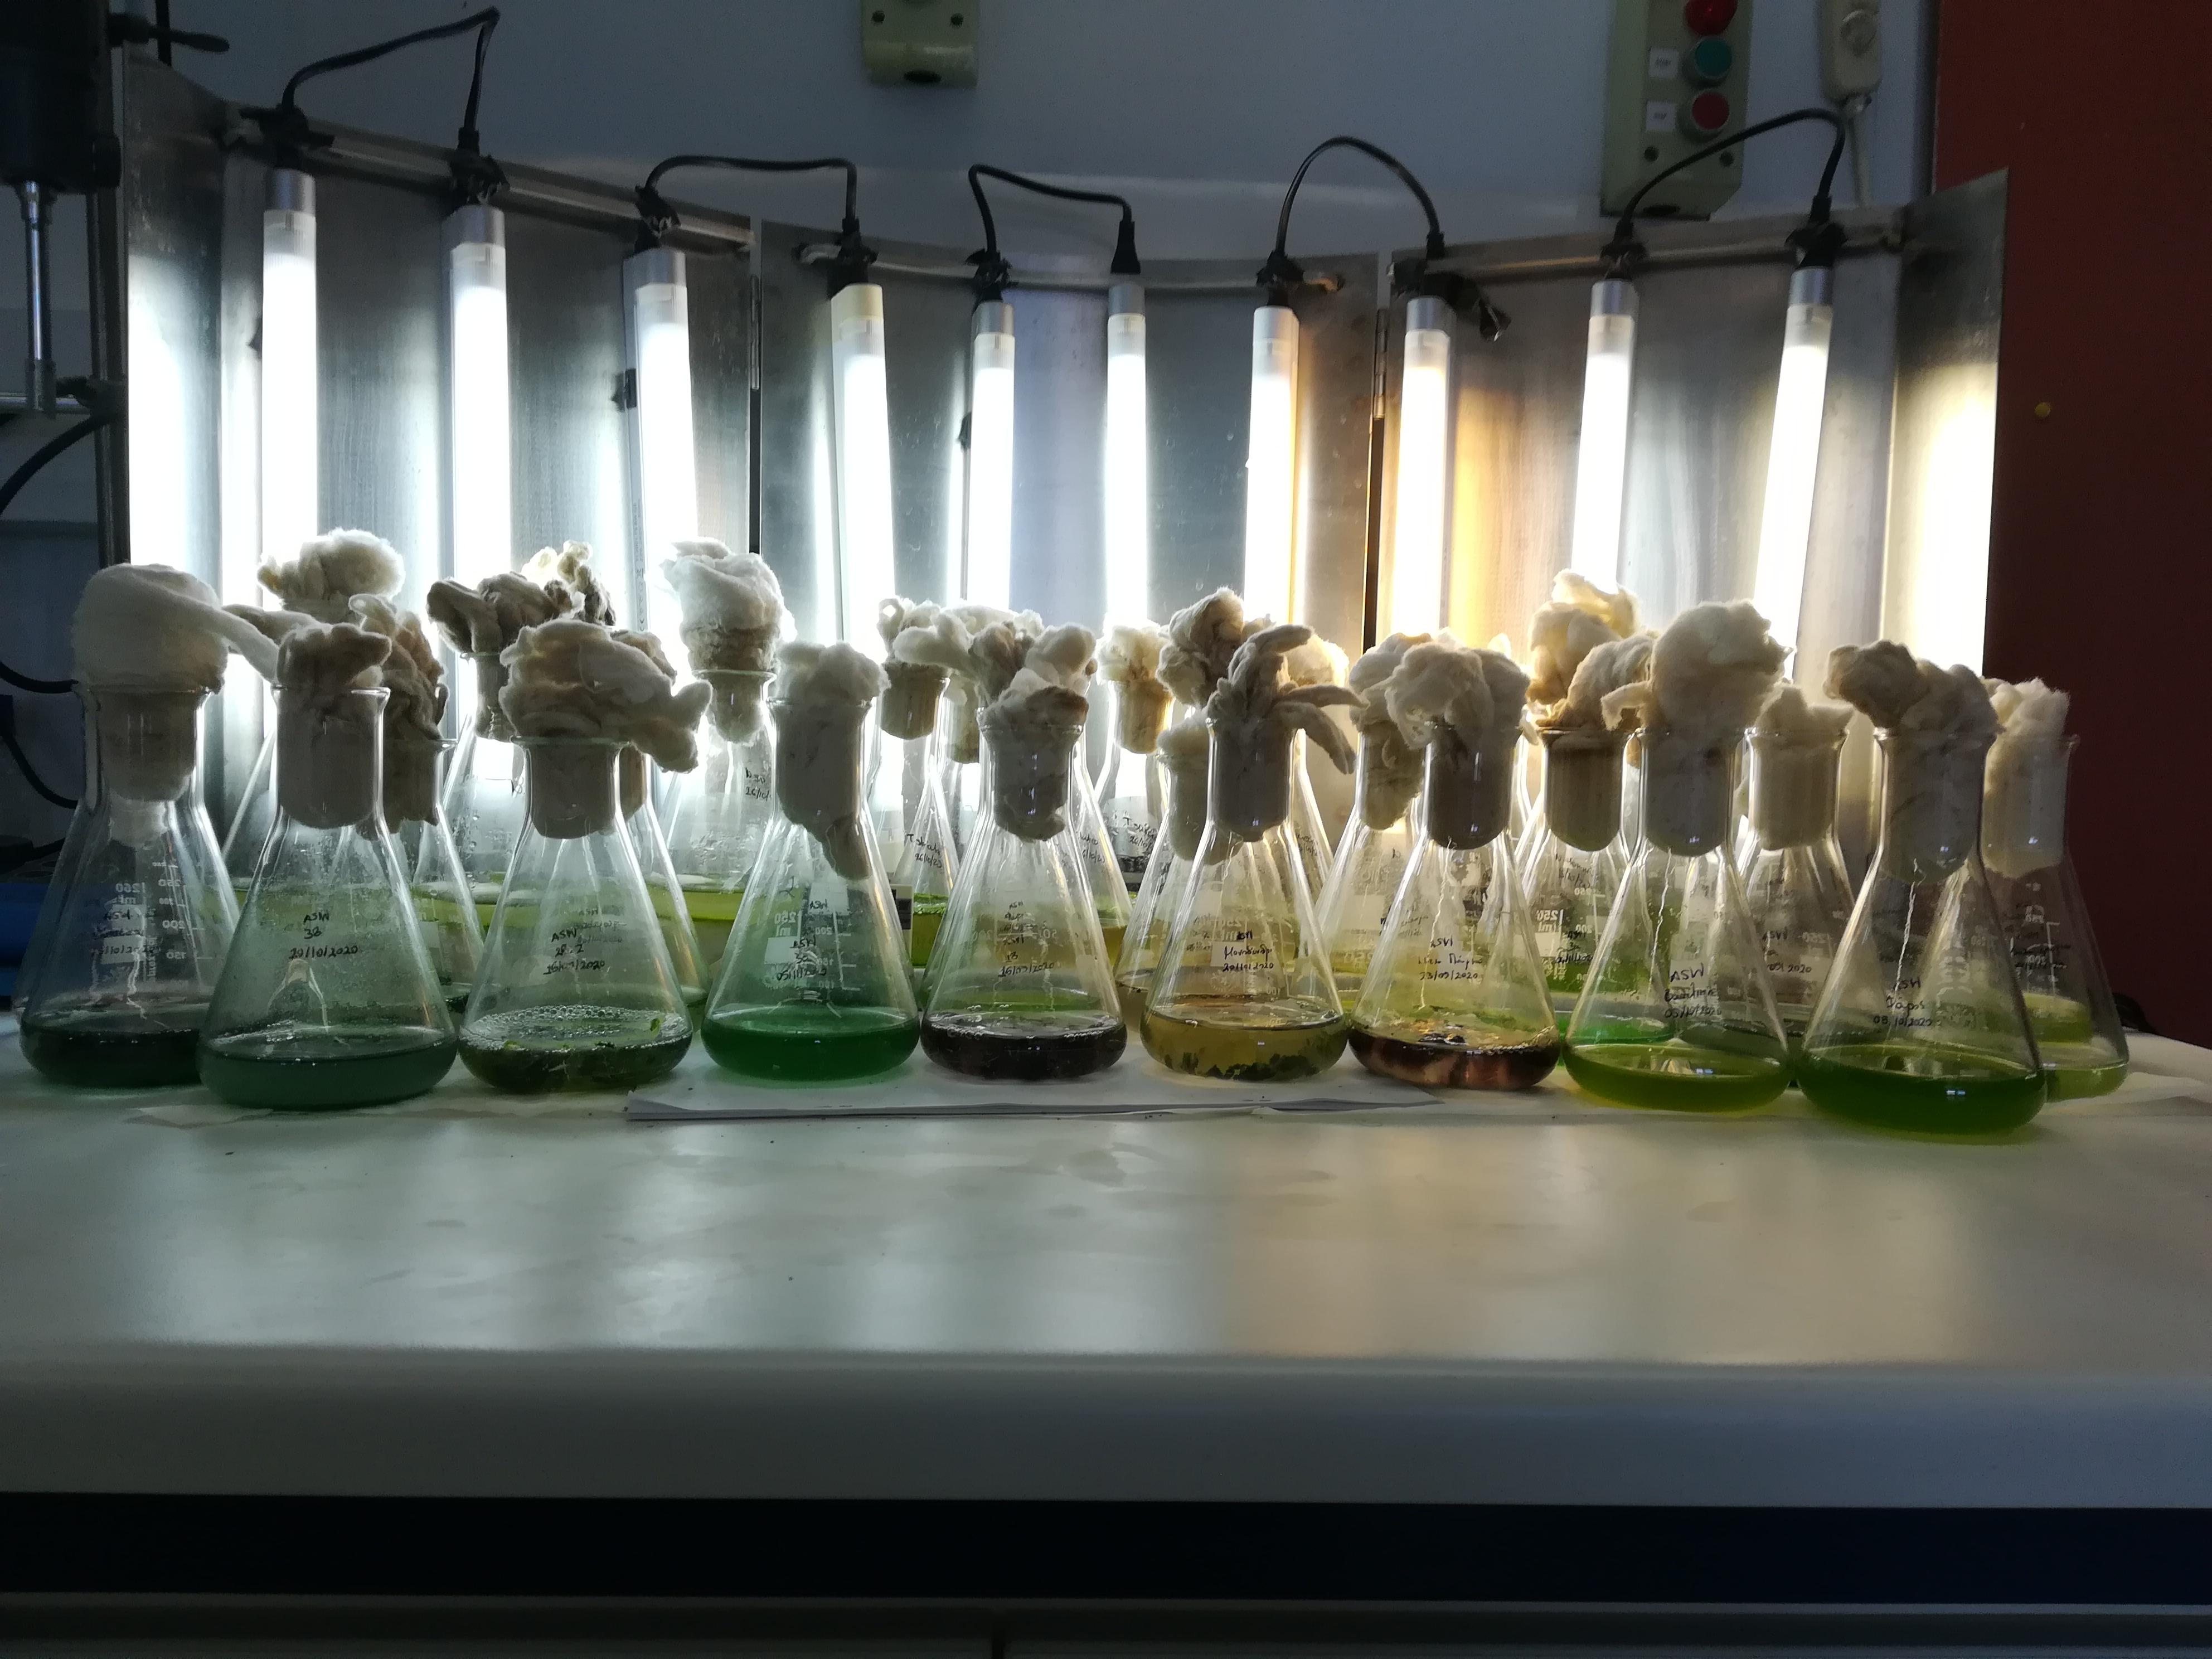 Καλλιέργειες των απομονωθέντων στελεχών μικροφυκών και κυανοβακτηρίων σε φιάλες Erlenmeyer 250cc (EM)